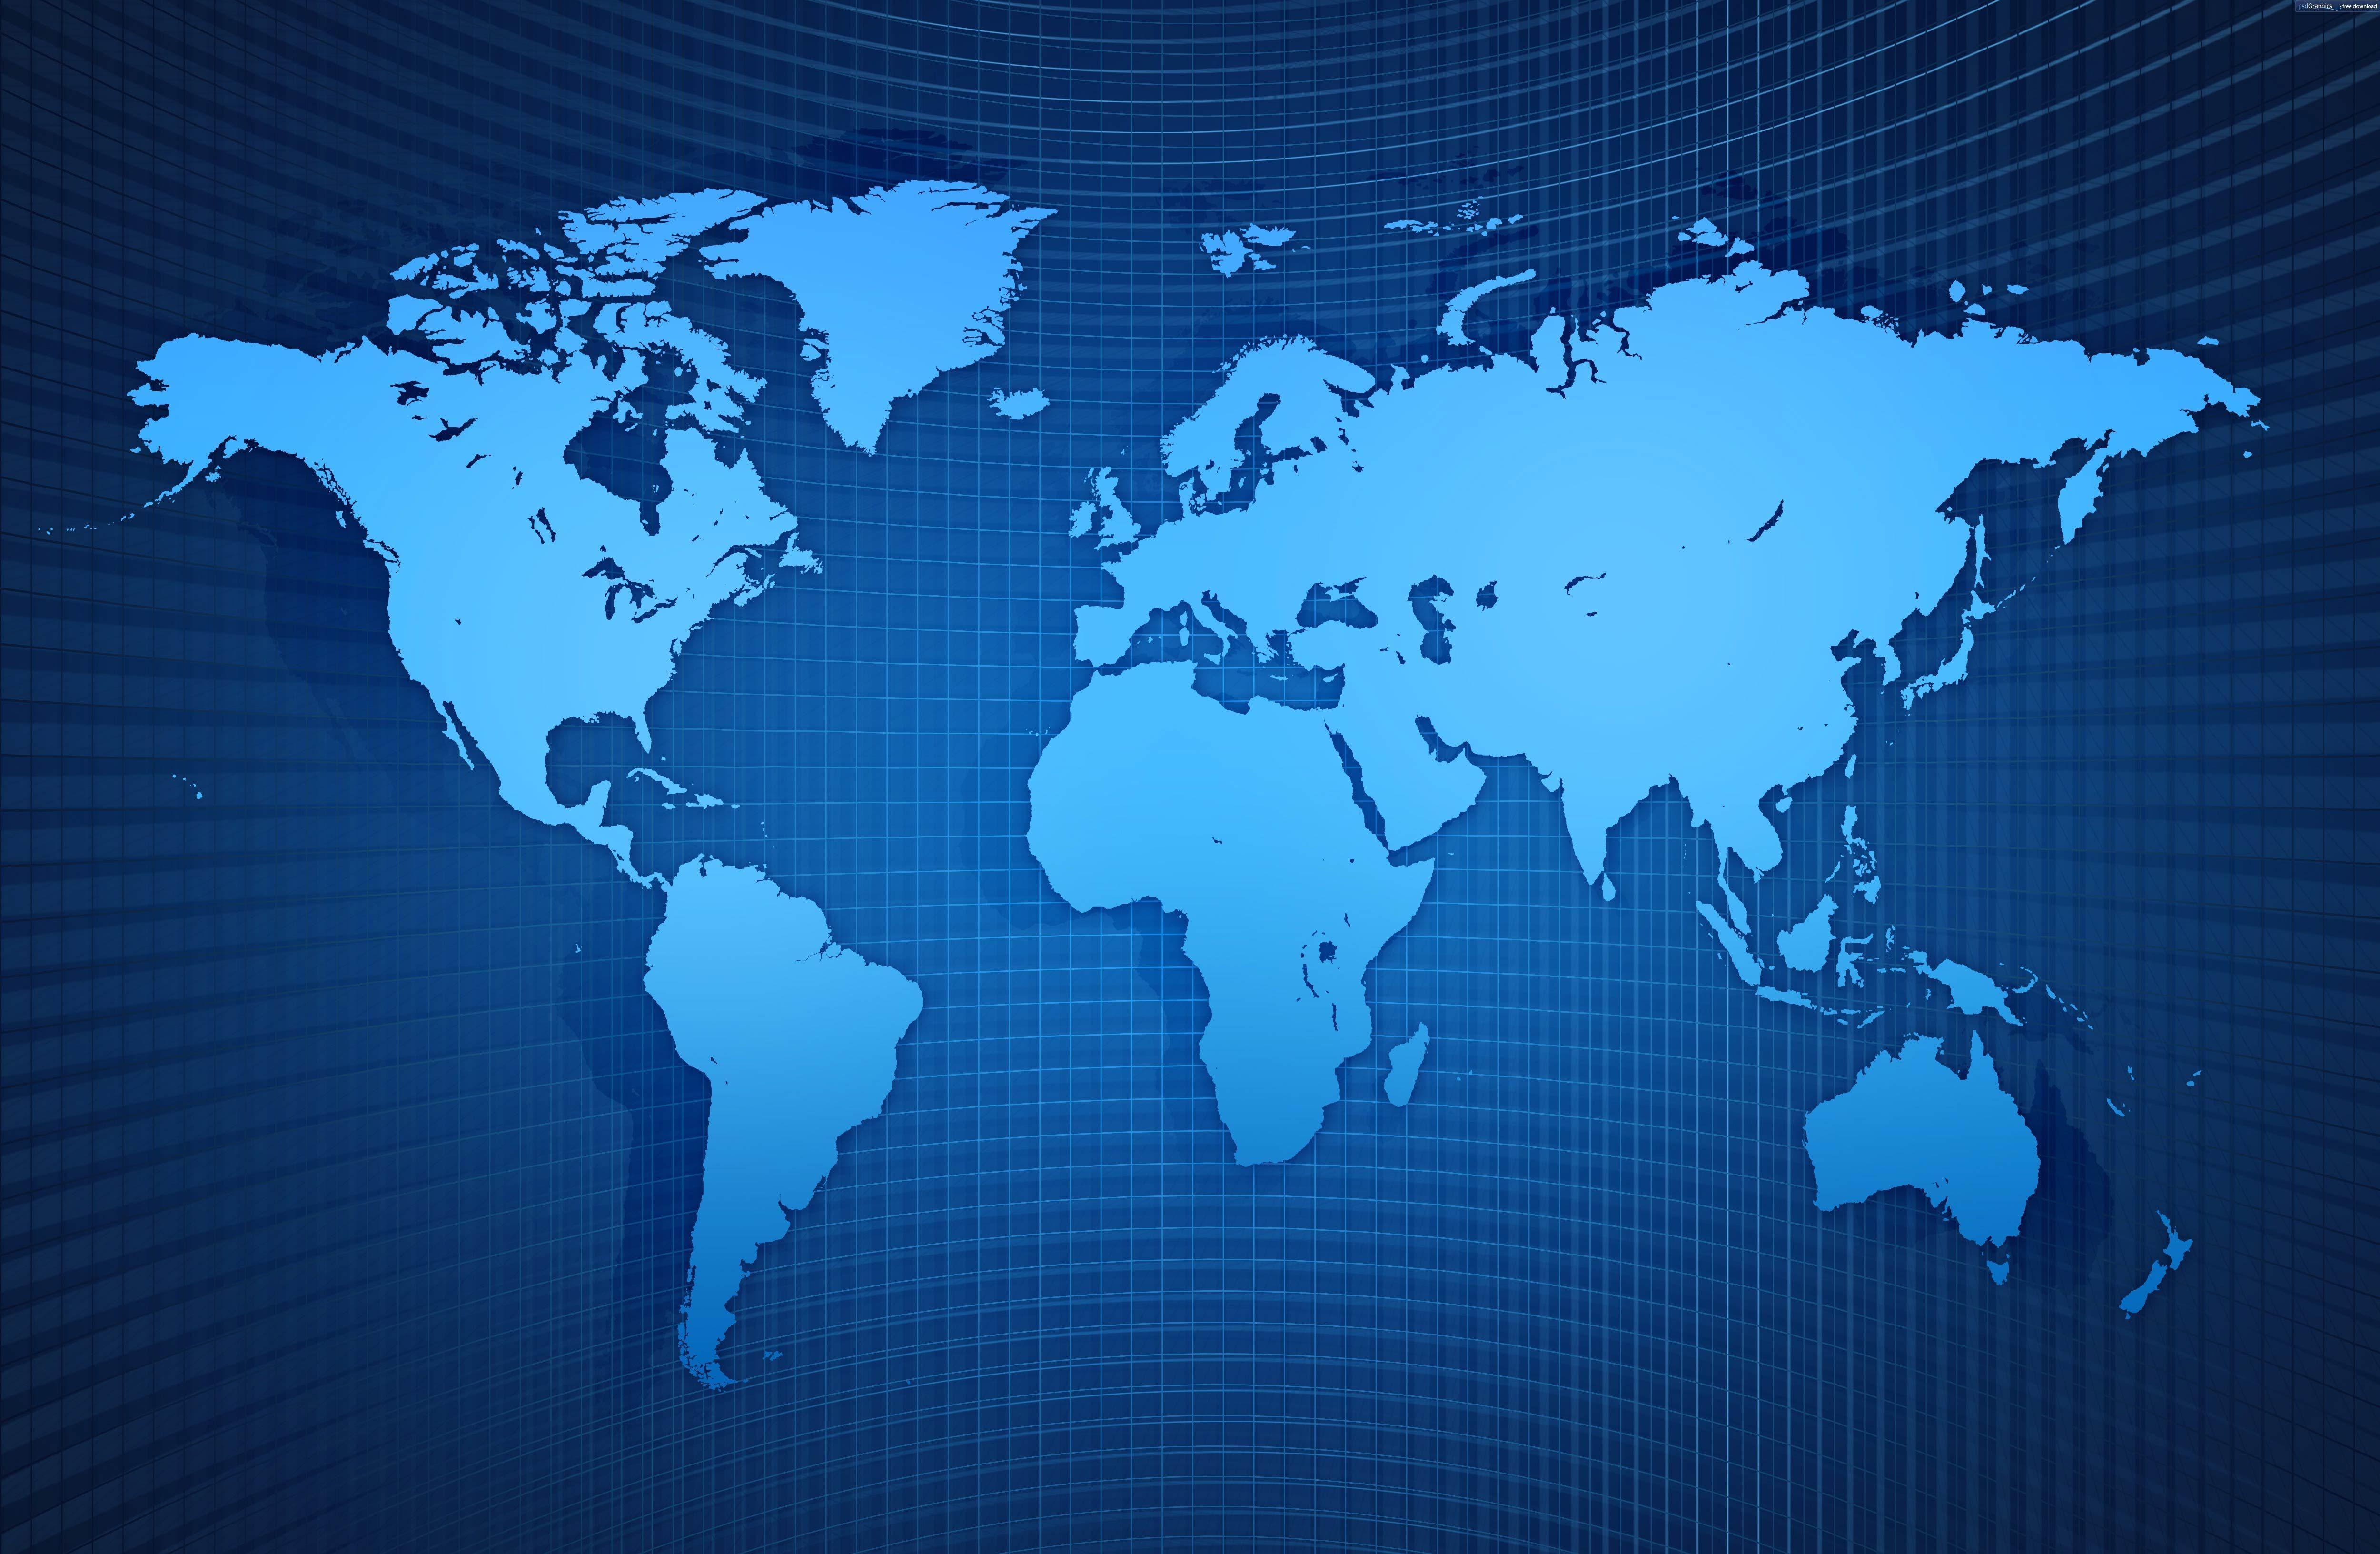 Hình nền bản đồ thế giới 5000x3264 Hình nền Ultra HD.  Bản đồ